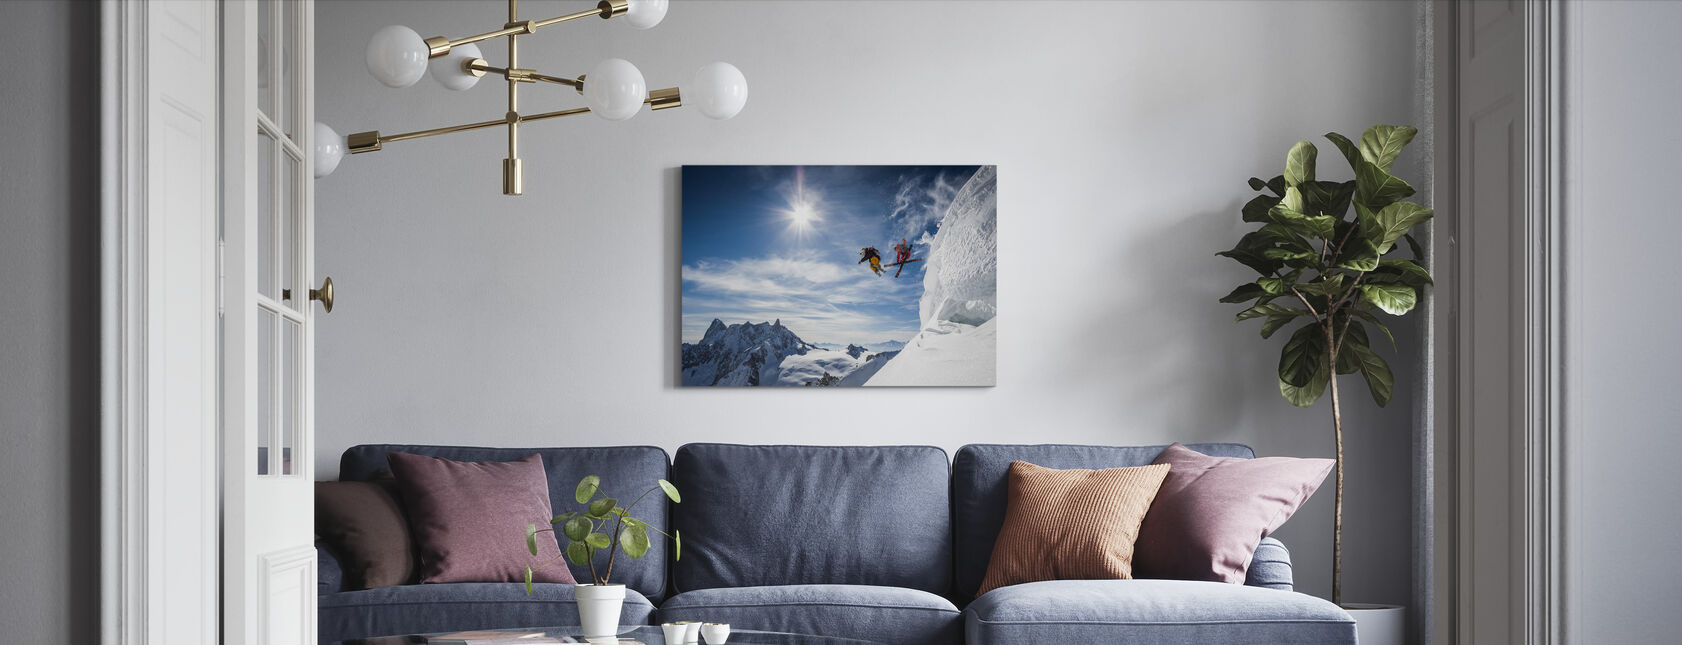 Springen Legenden - Leinwandbild - Wohnzimmer